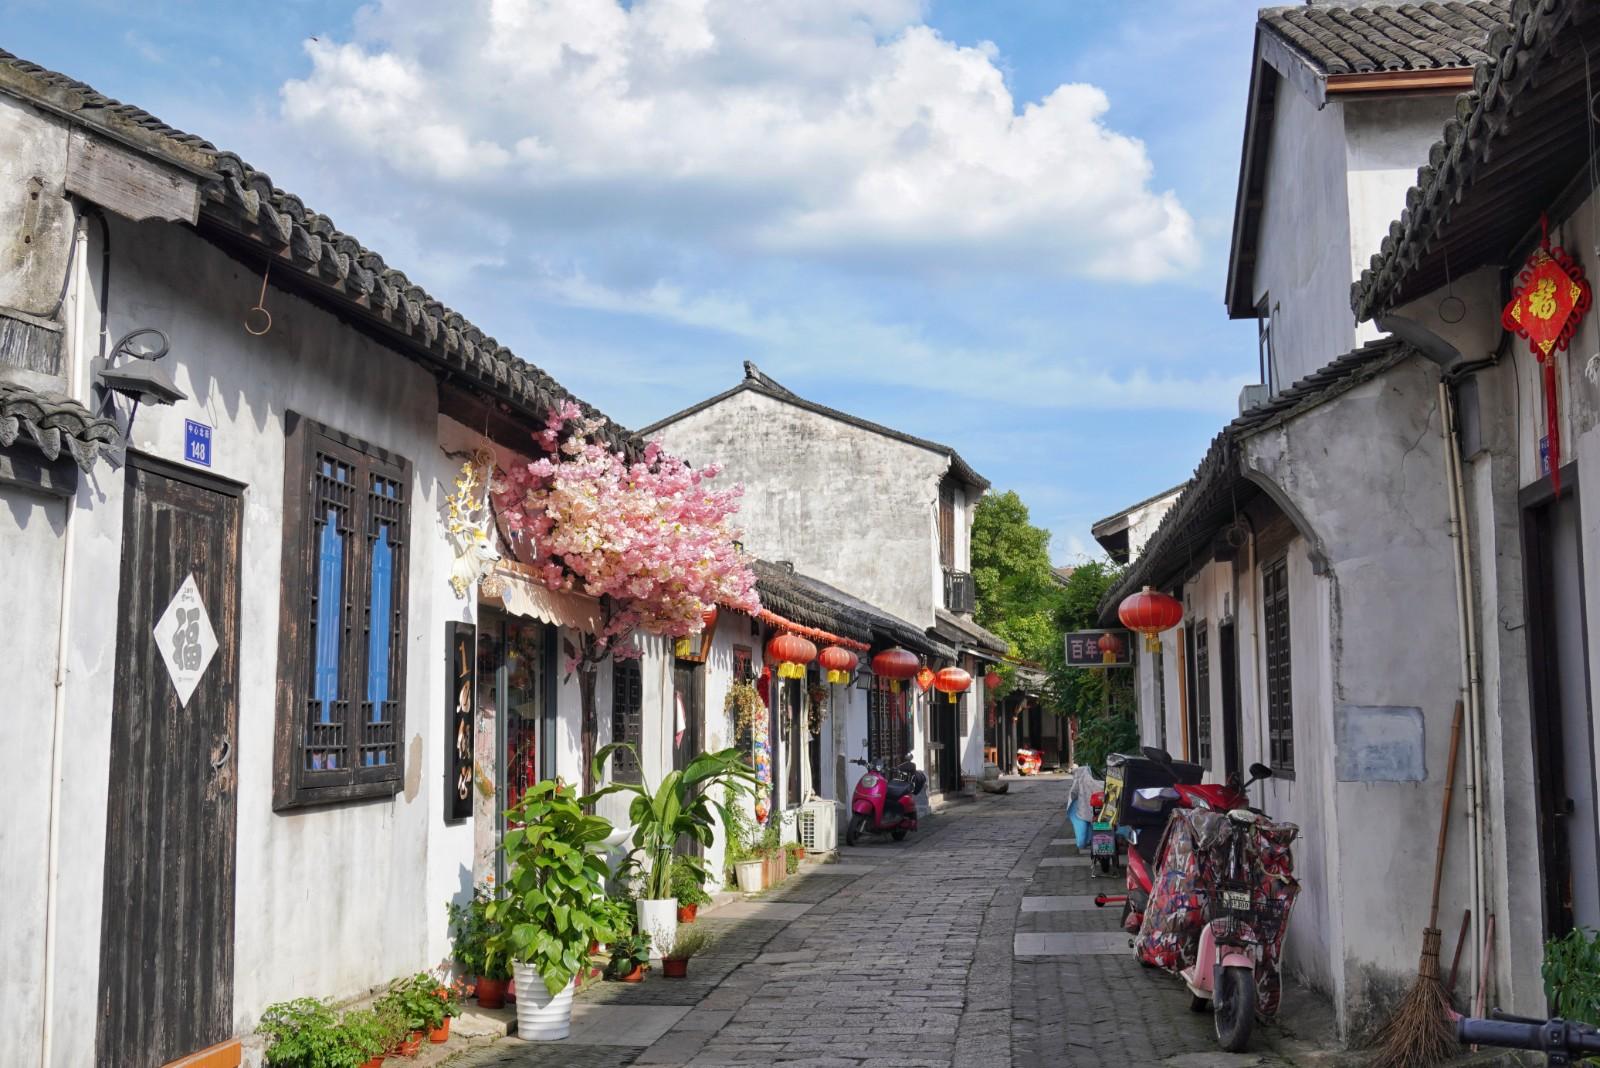 浏河古镇:一半烟火人间,一半岁月故事,这个隐在江南的原始古镇,是我梦里的江南水乡